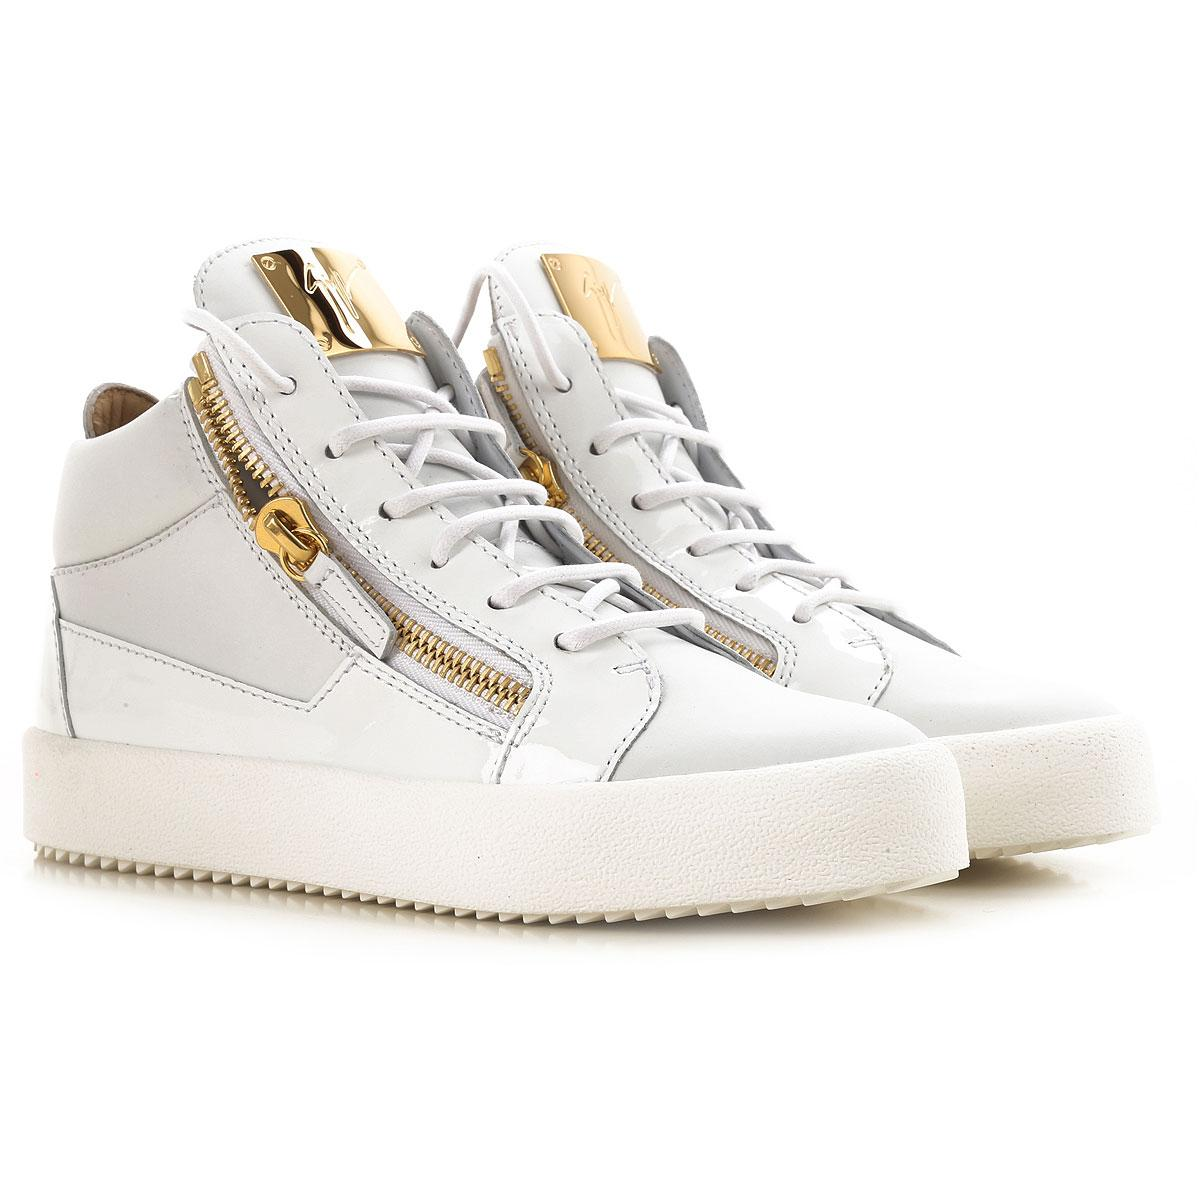 Lyst - Sneaker Femme Pas cher en Soldes Giuseppe Zanotti en coloris ... aa283ad3209b